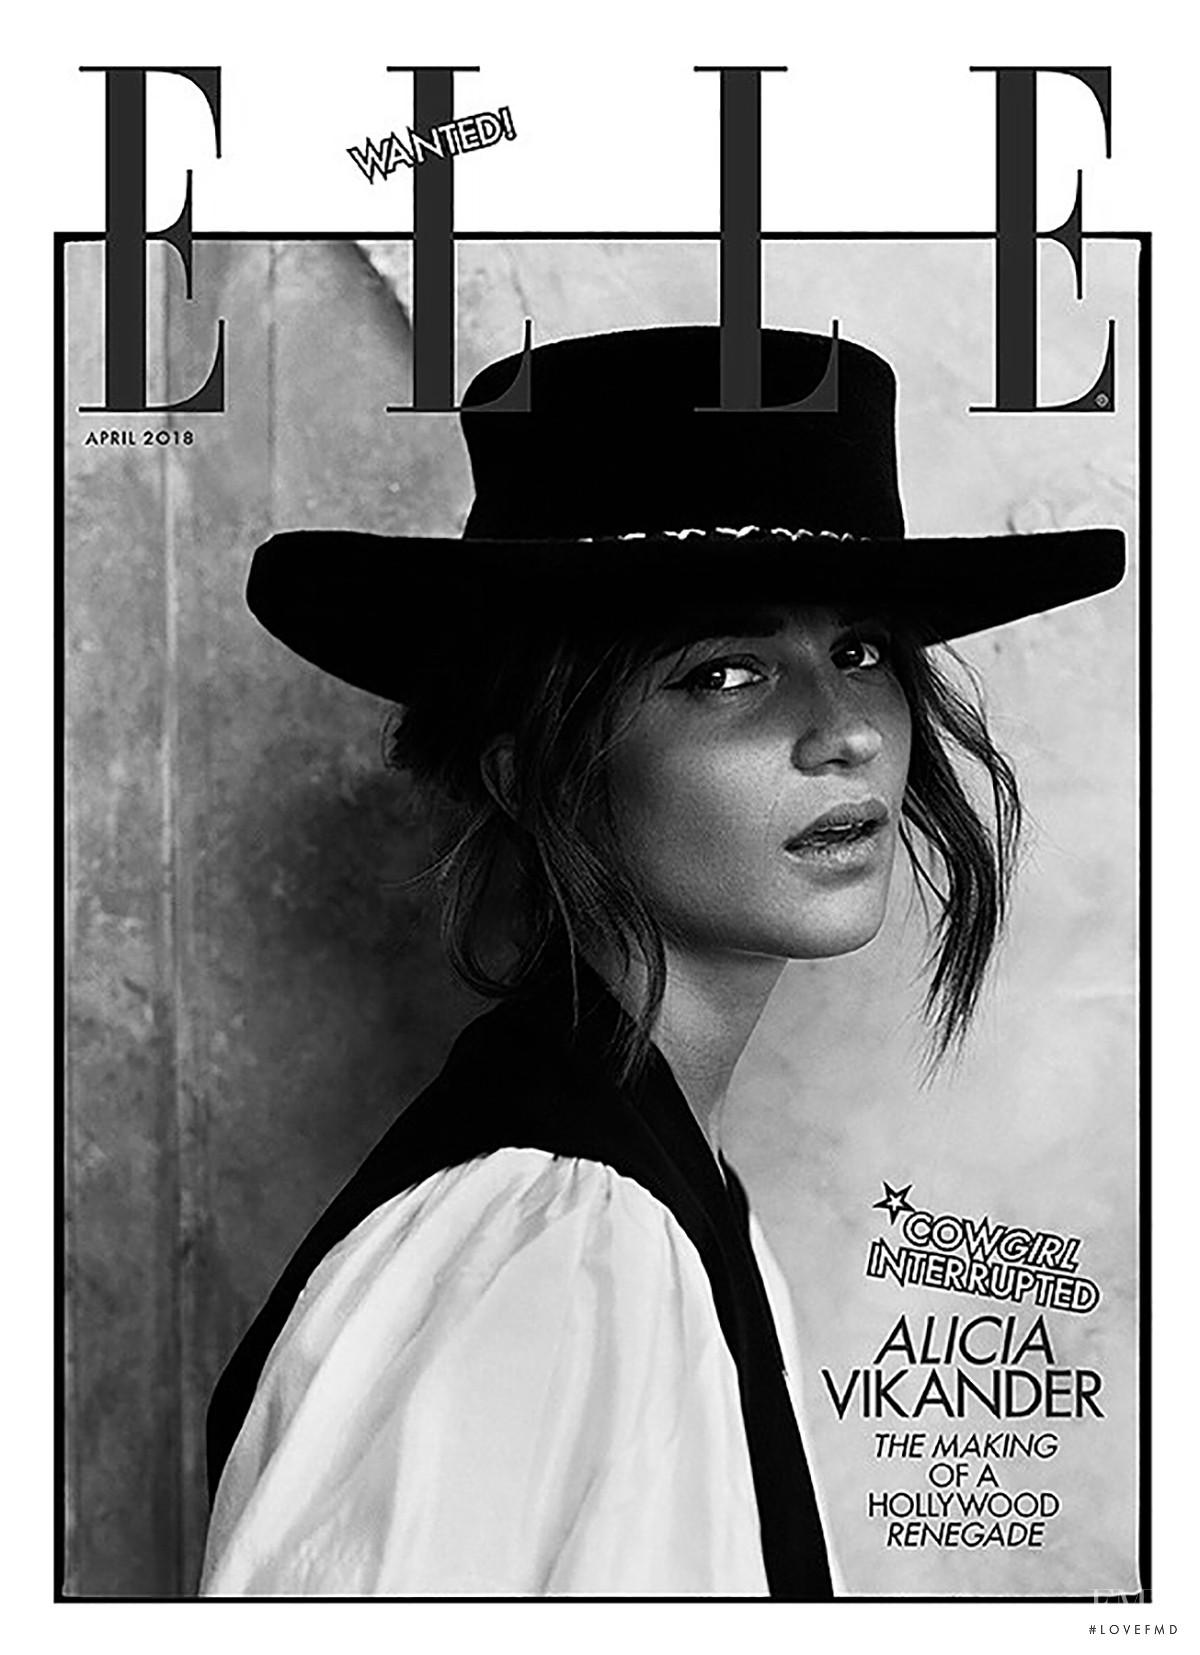 Алисия Викандер в фотосессии Elle UK (апрель 2018) - вторая черно-белая обложка